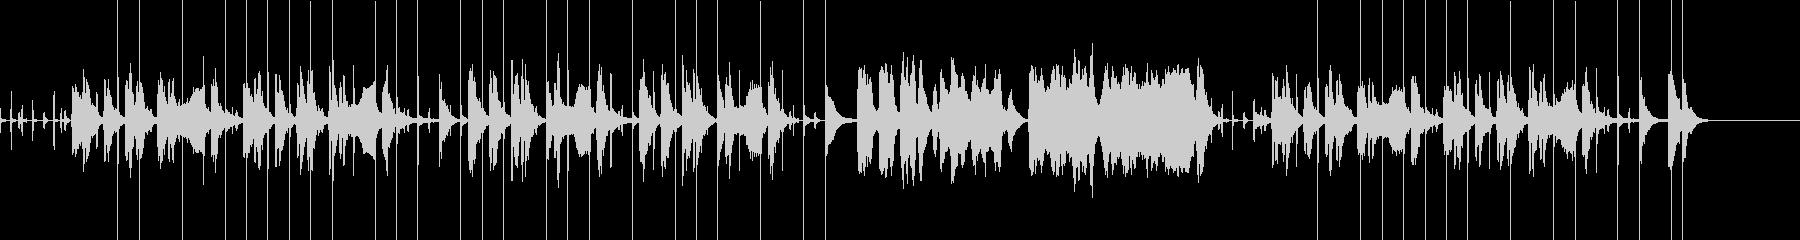 しーっ!静かに…! 泥棒イメージの曲の未再生の波形